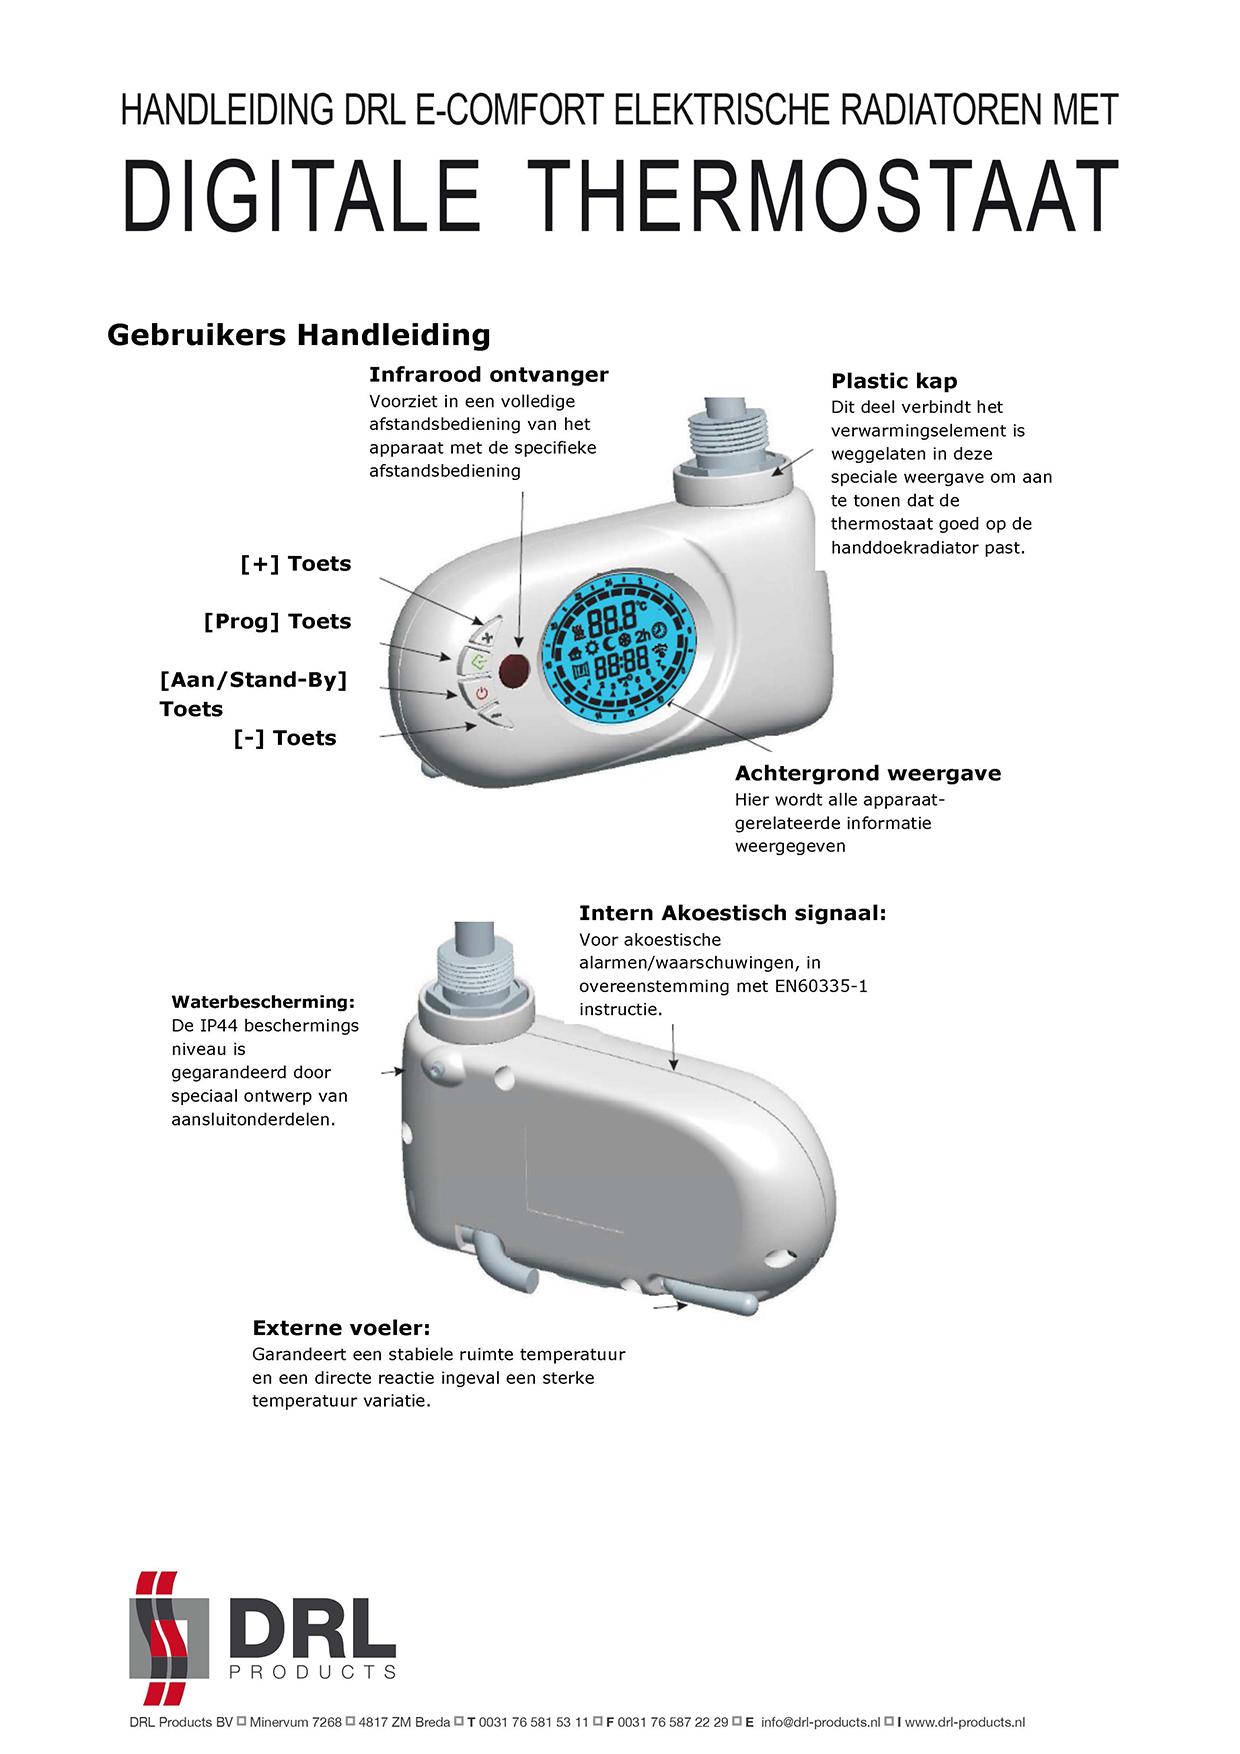 H_70_DRL_E_Comfort_Claudia_DIGITAAL_Thermostaat_GebruikersInstructie_NL_Pagina_09_WEB